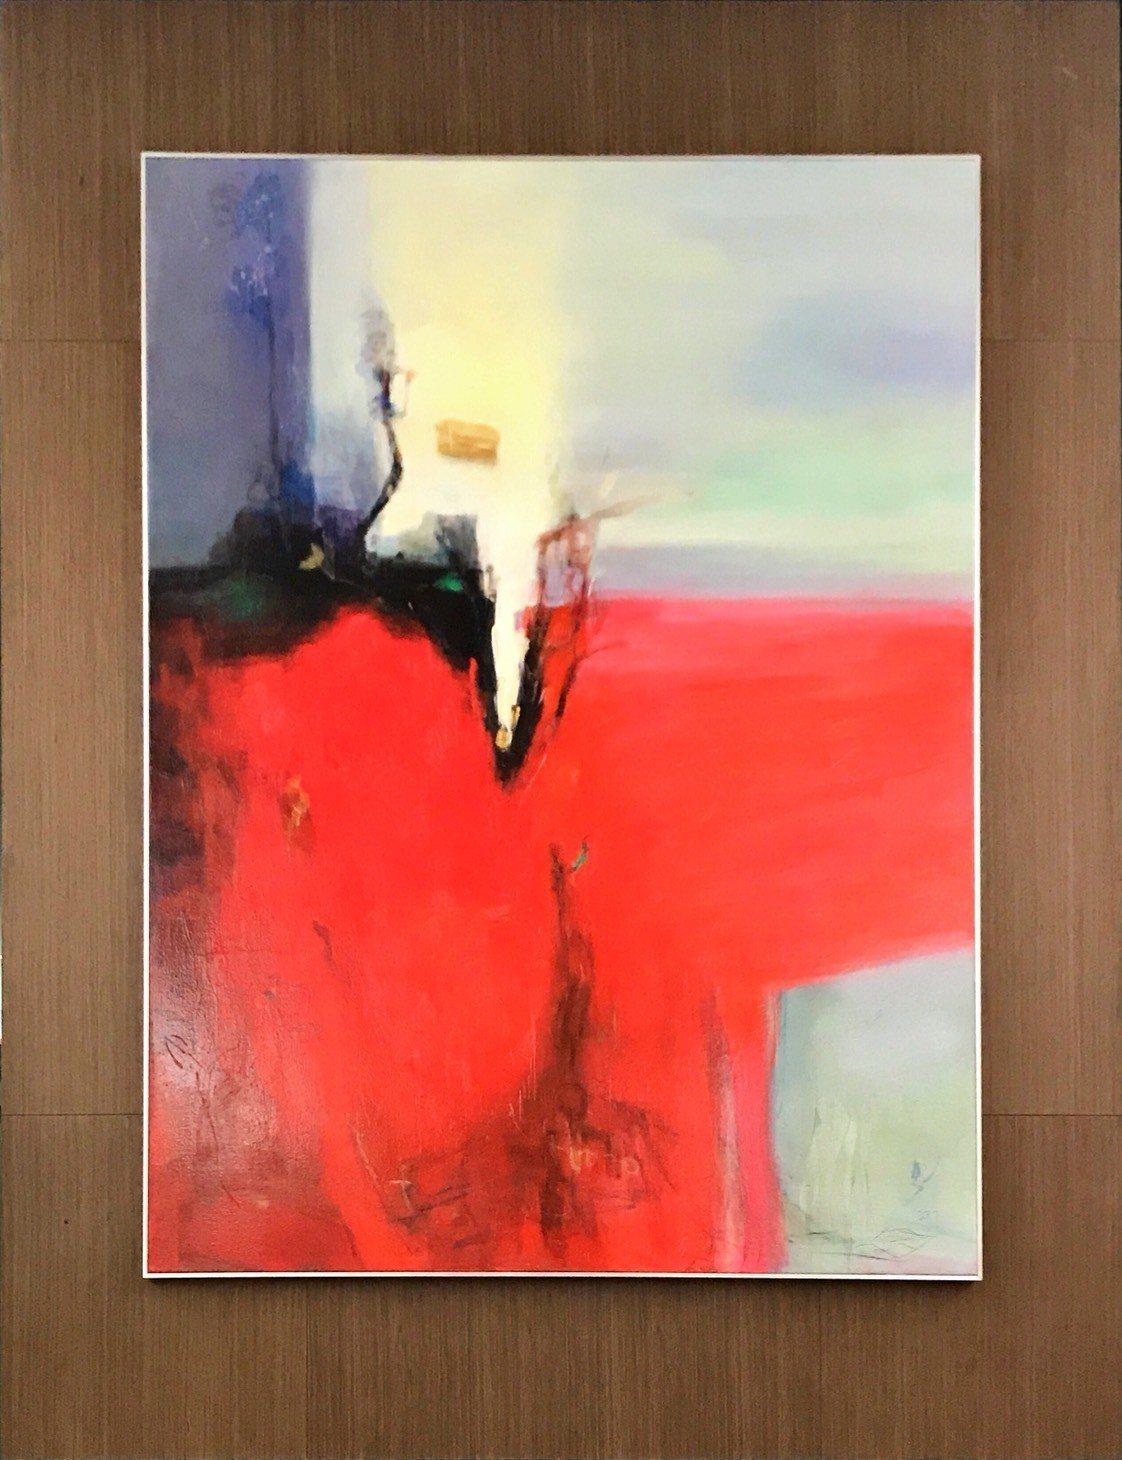 賴仁輝「希望的力量」以紅、灰、白色彩呈現多方意見展現議會精神。